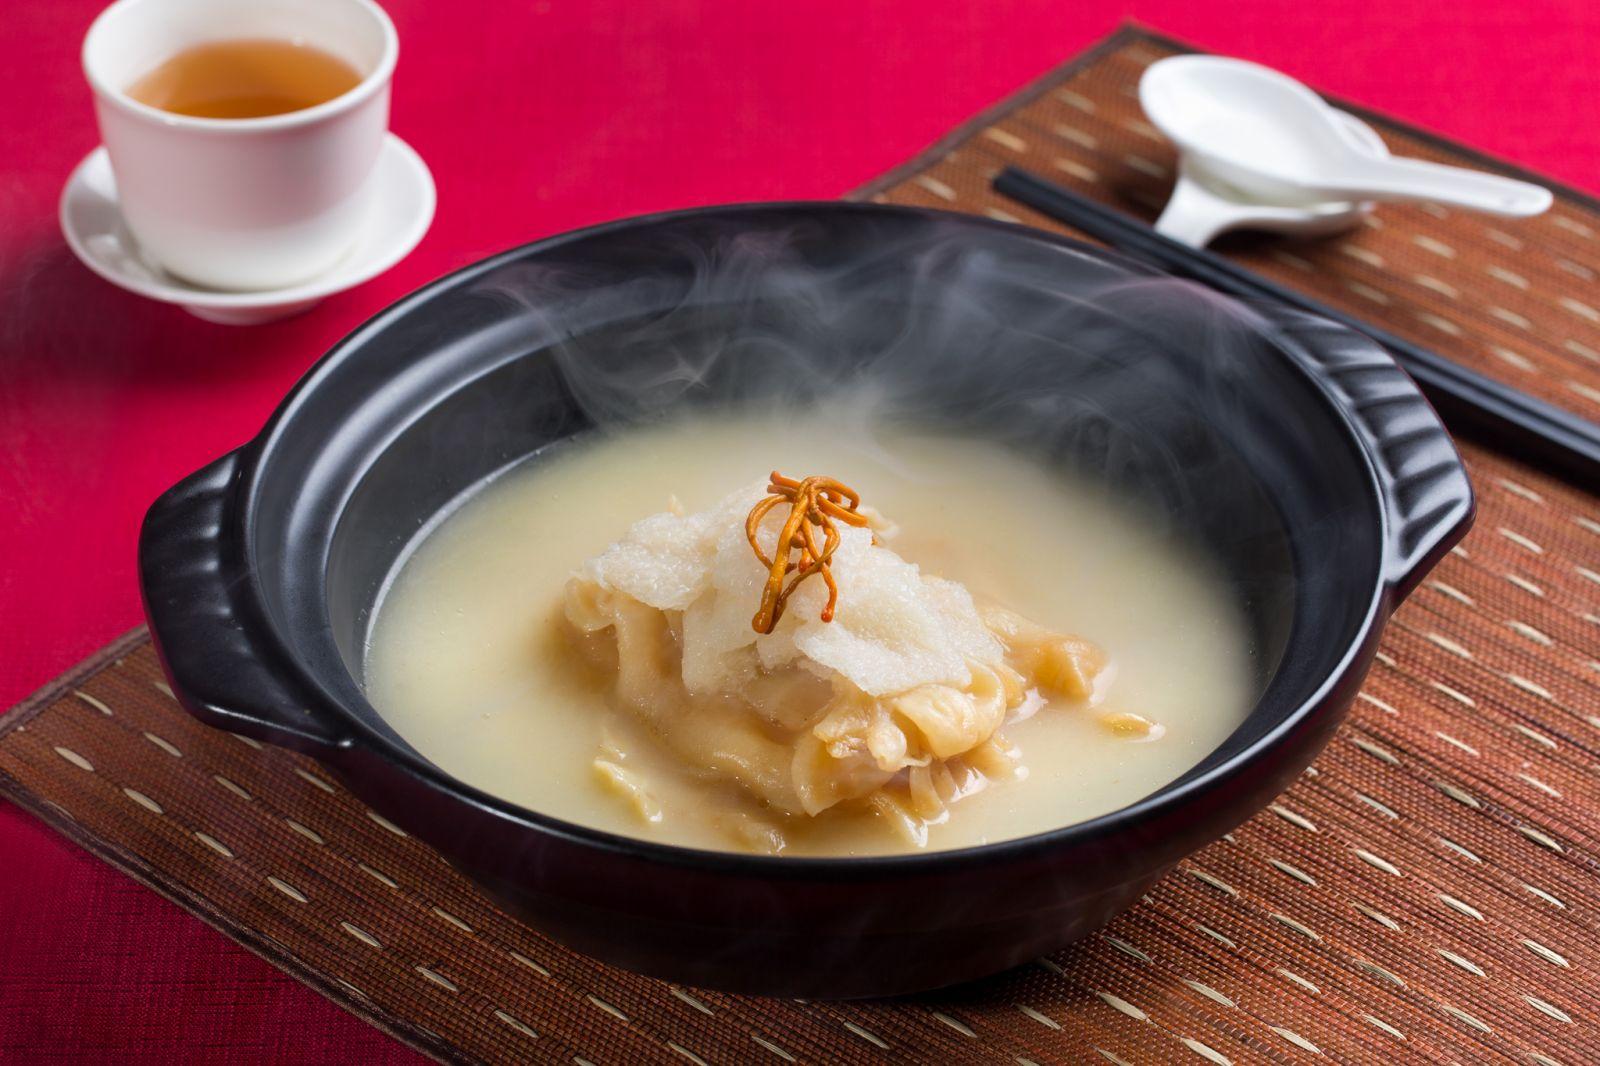 【國賓粵菜廳】半價即可享「人生最好喝的雞湯」! 國賓秋冬限定回饋